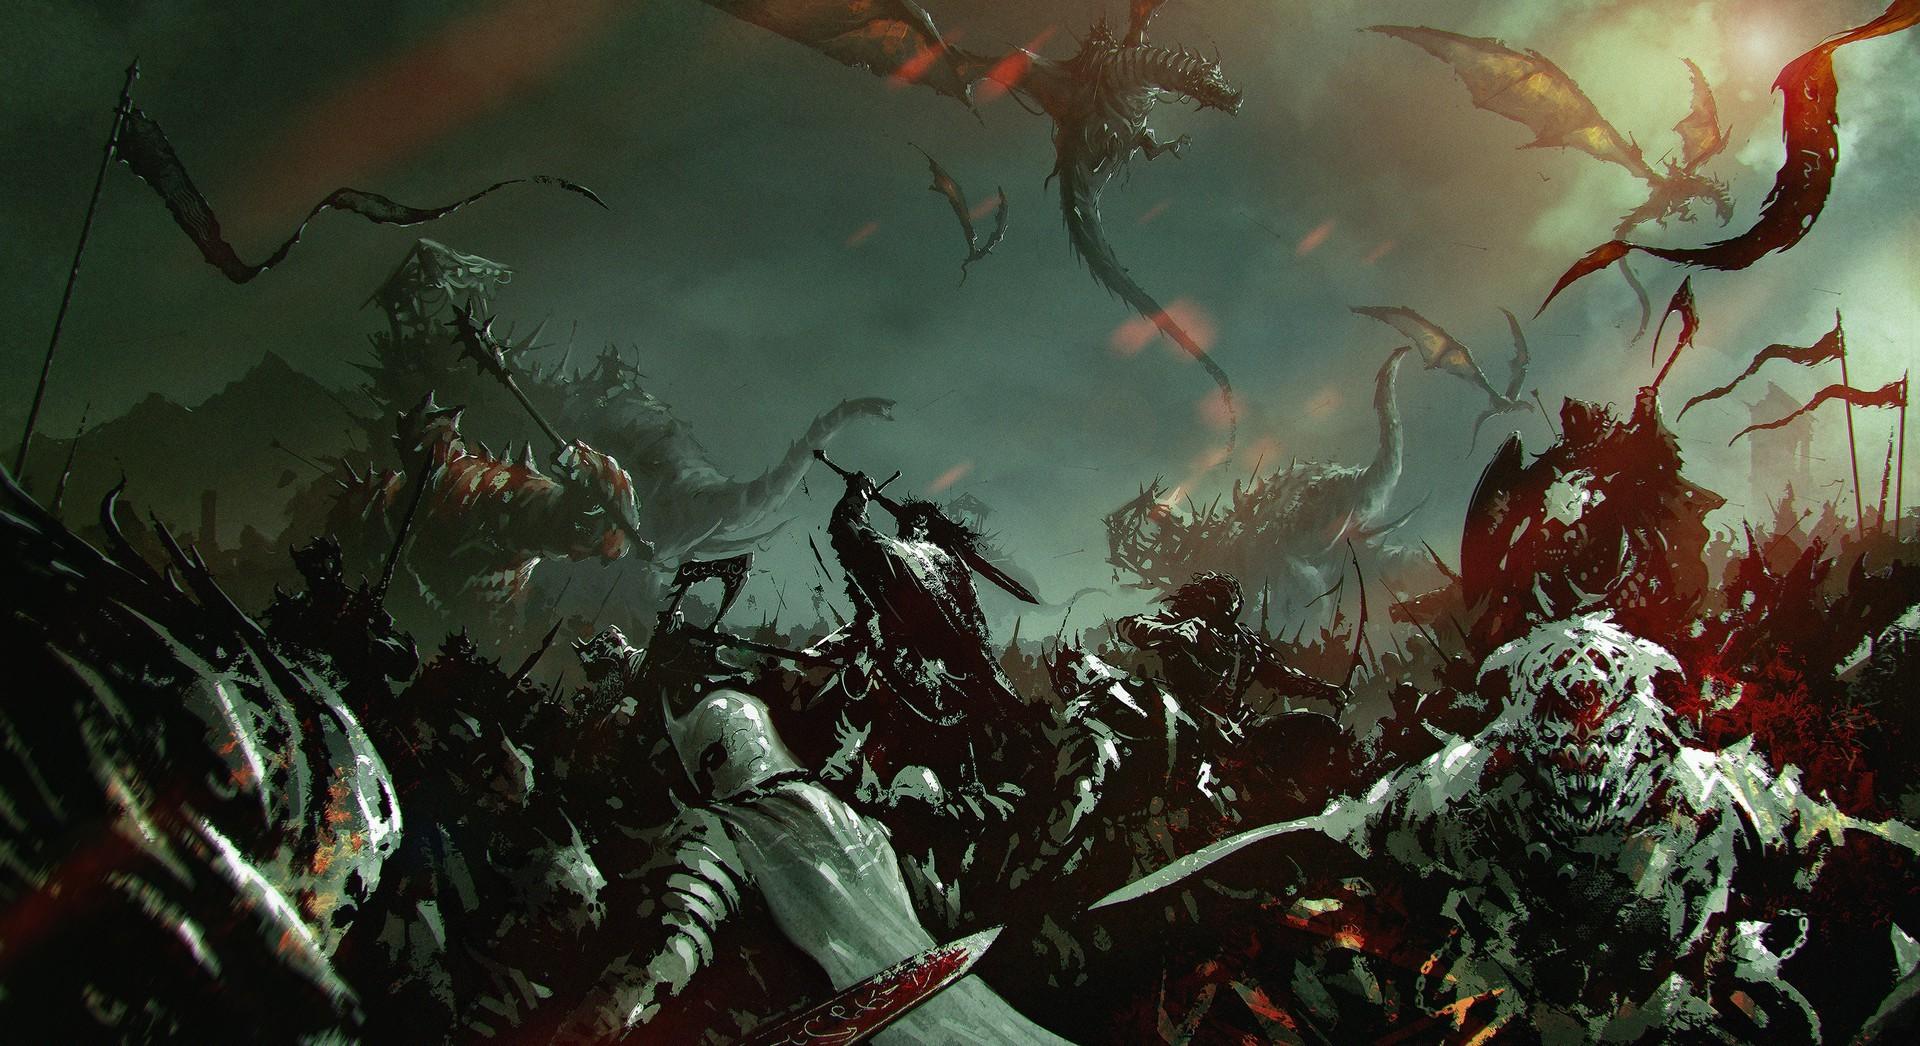 Wallpaper : digital art, fantasy art, war, dragon